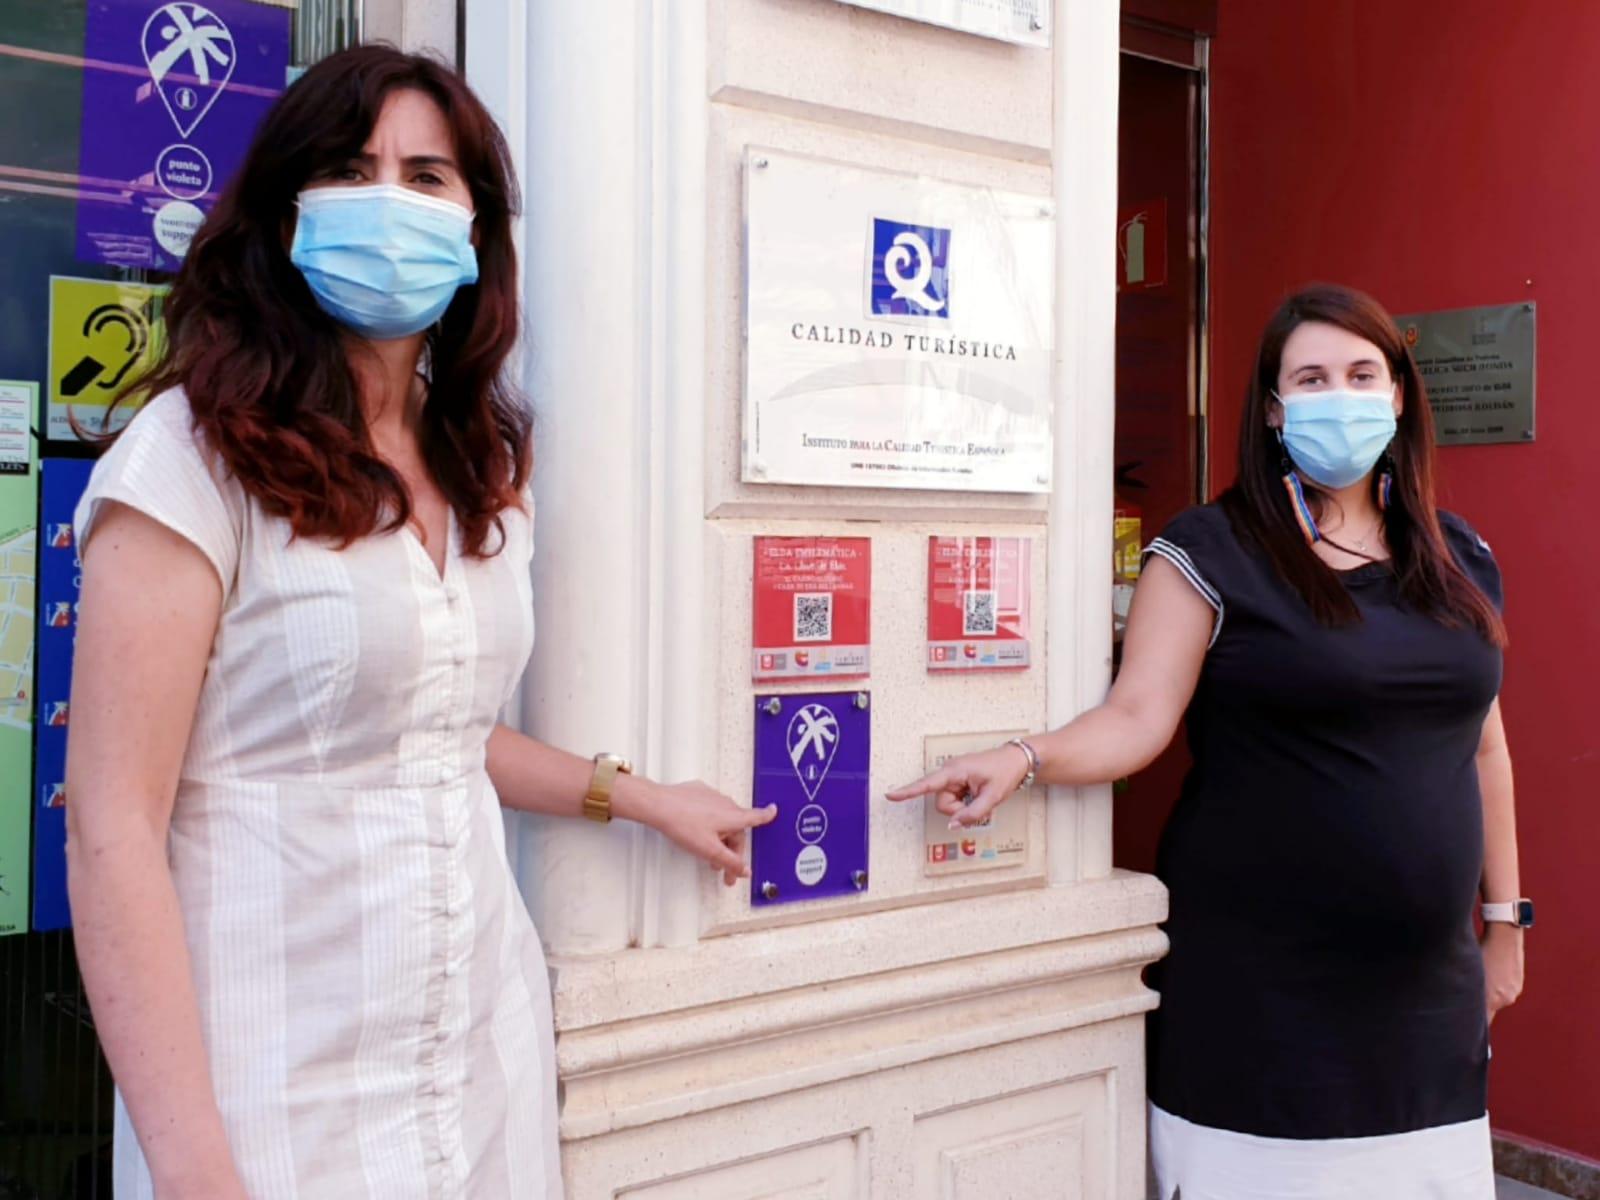 La Oficina de Turismo de Elda se incorpora a la red de Puntos Violetas Turísticos impulsados por la Generalitat para atender de manera inmediata a las víctimas de violencia sexista